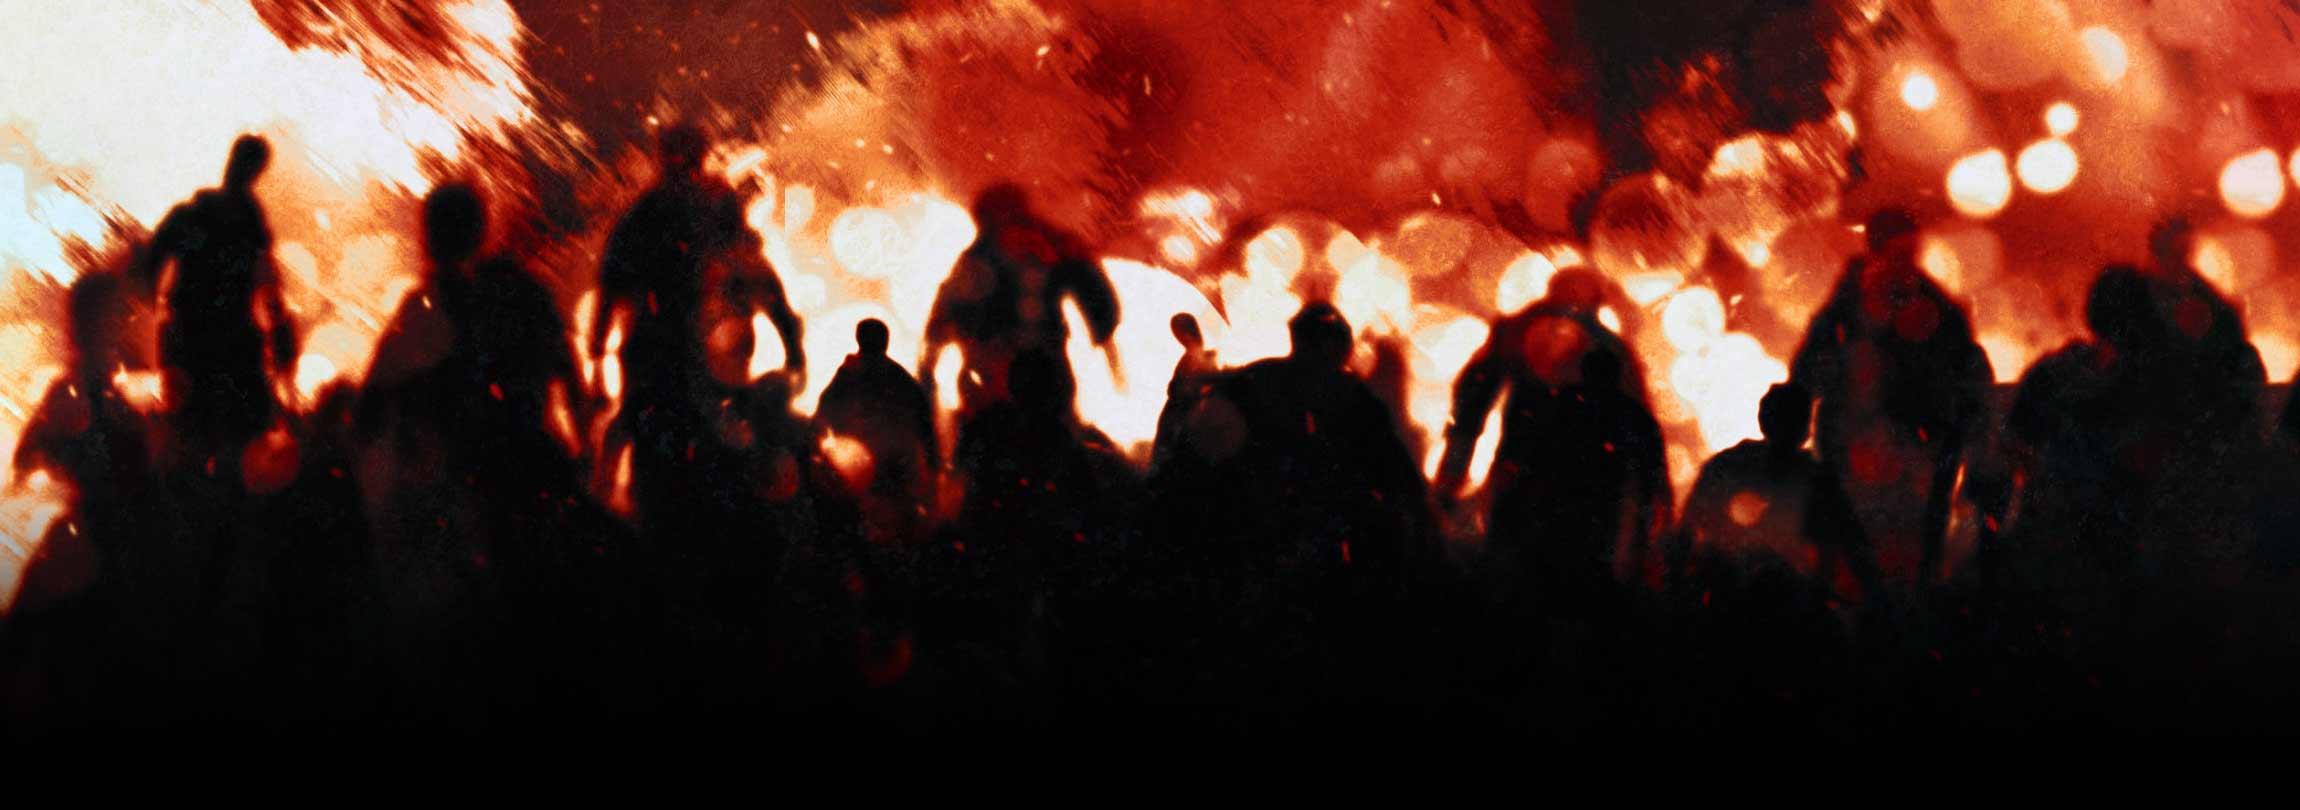 Por que as almas sofrem tanto no Purgatório?